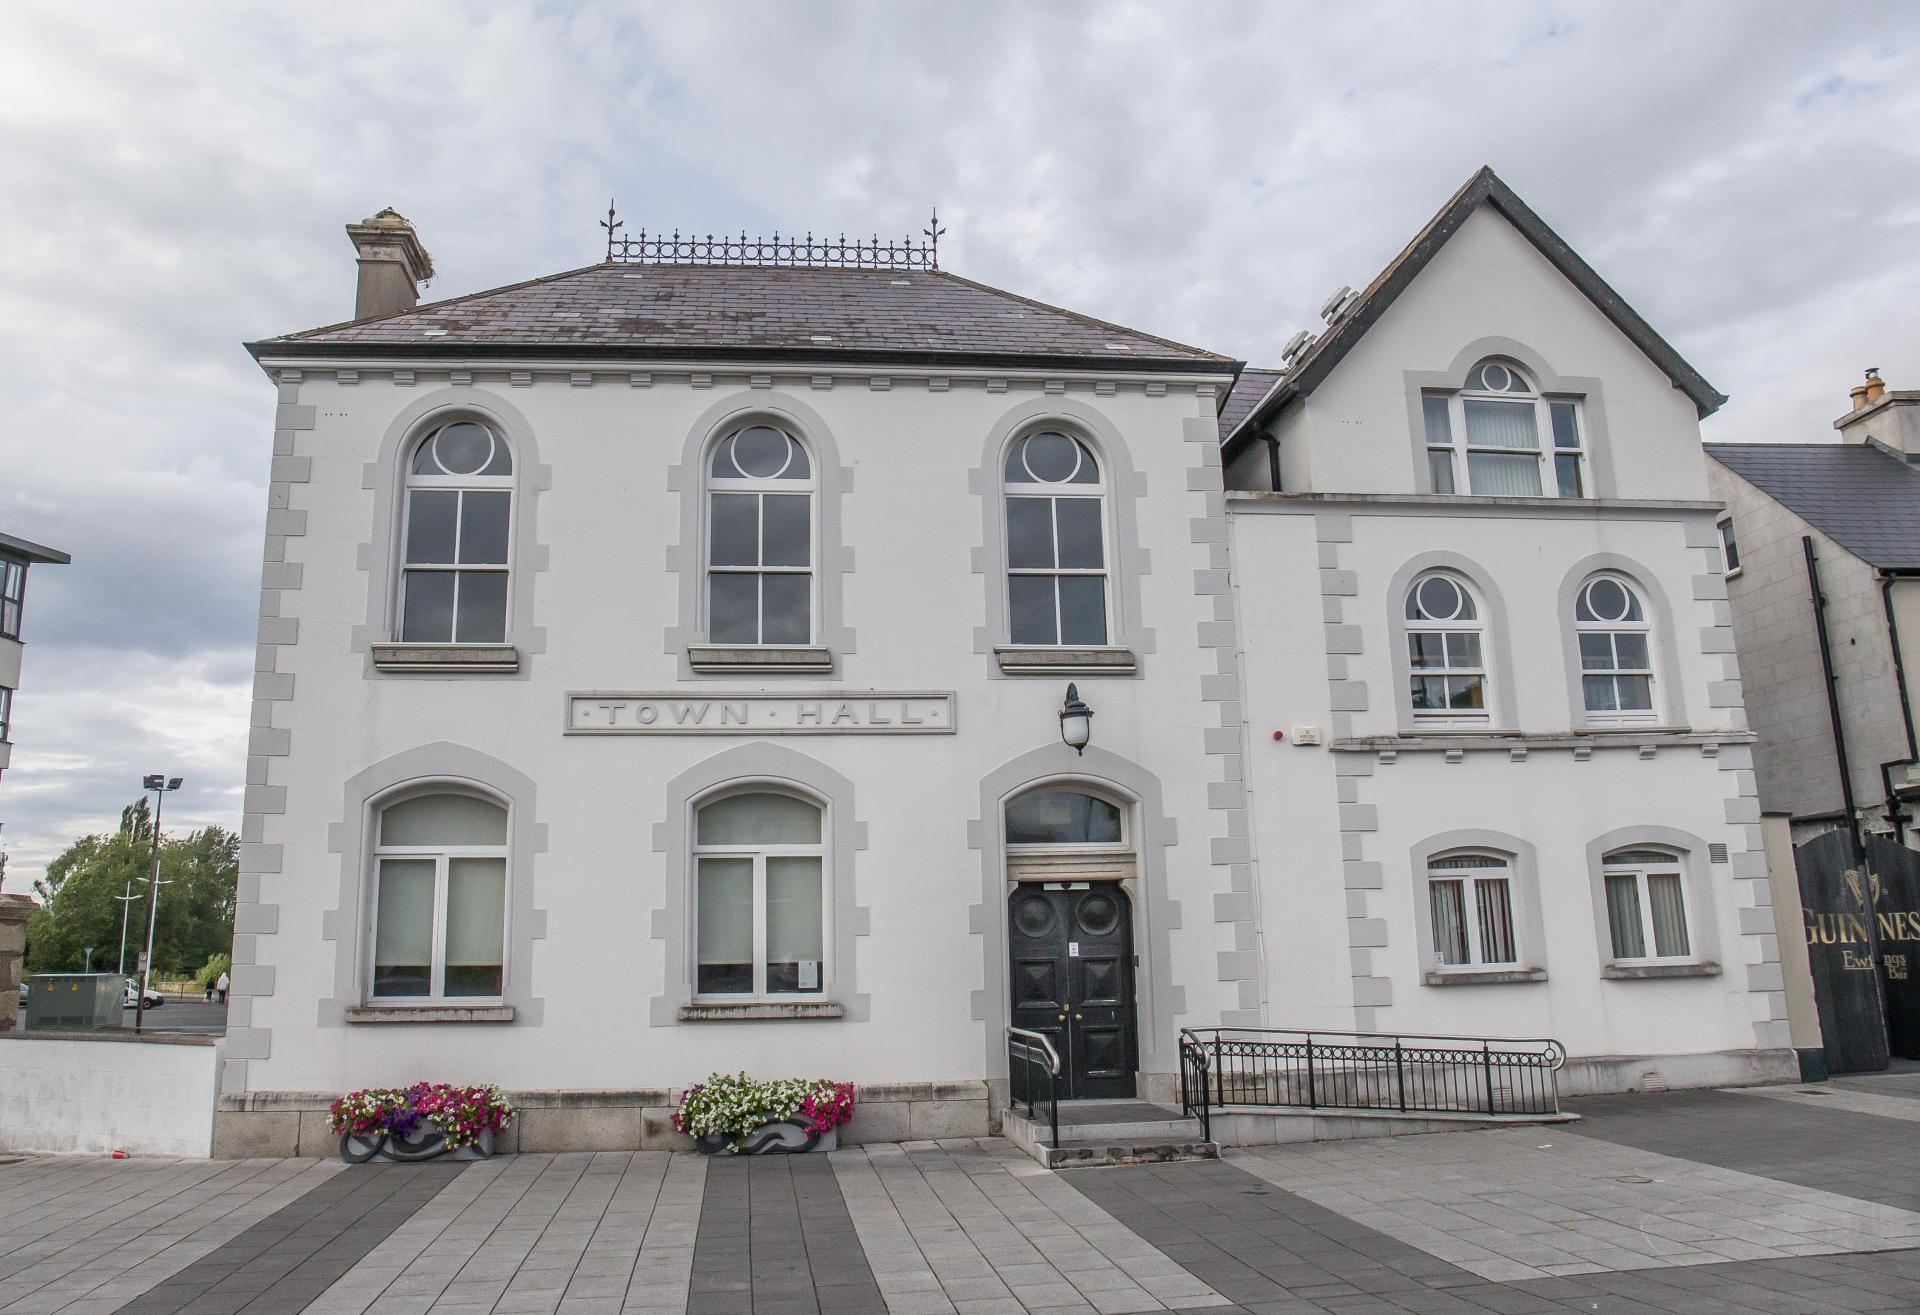 St. Lukes General Hospital Carlow/Kilkenny - uselesspenguin.co.uk